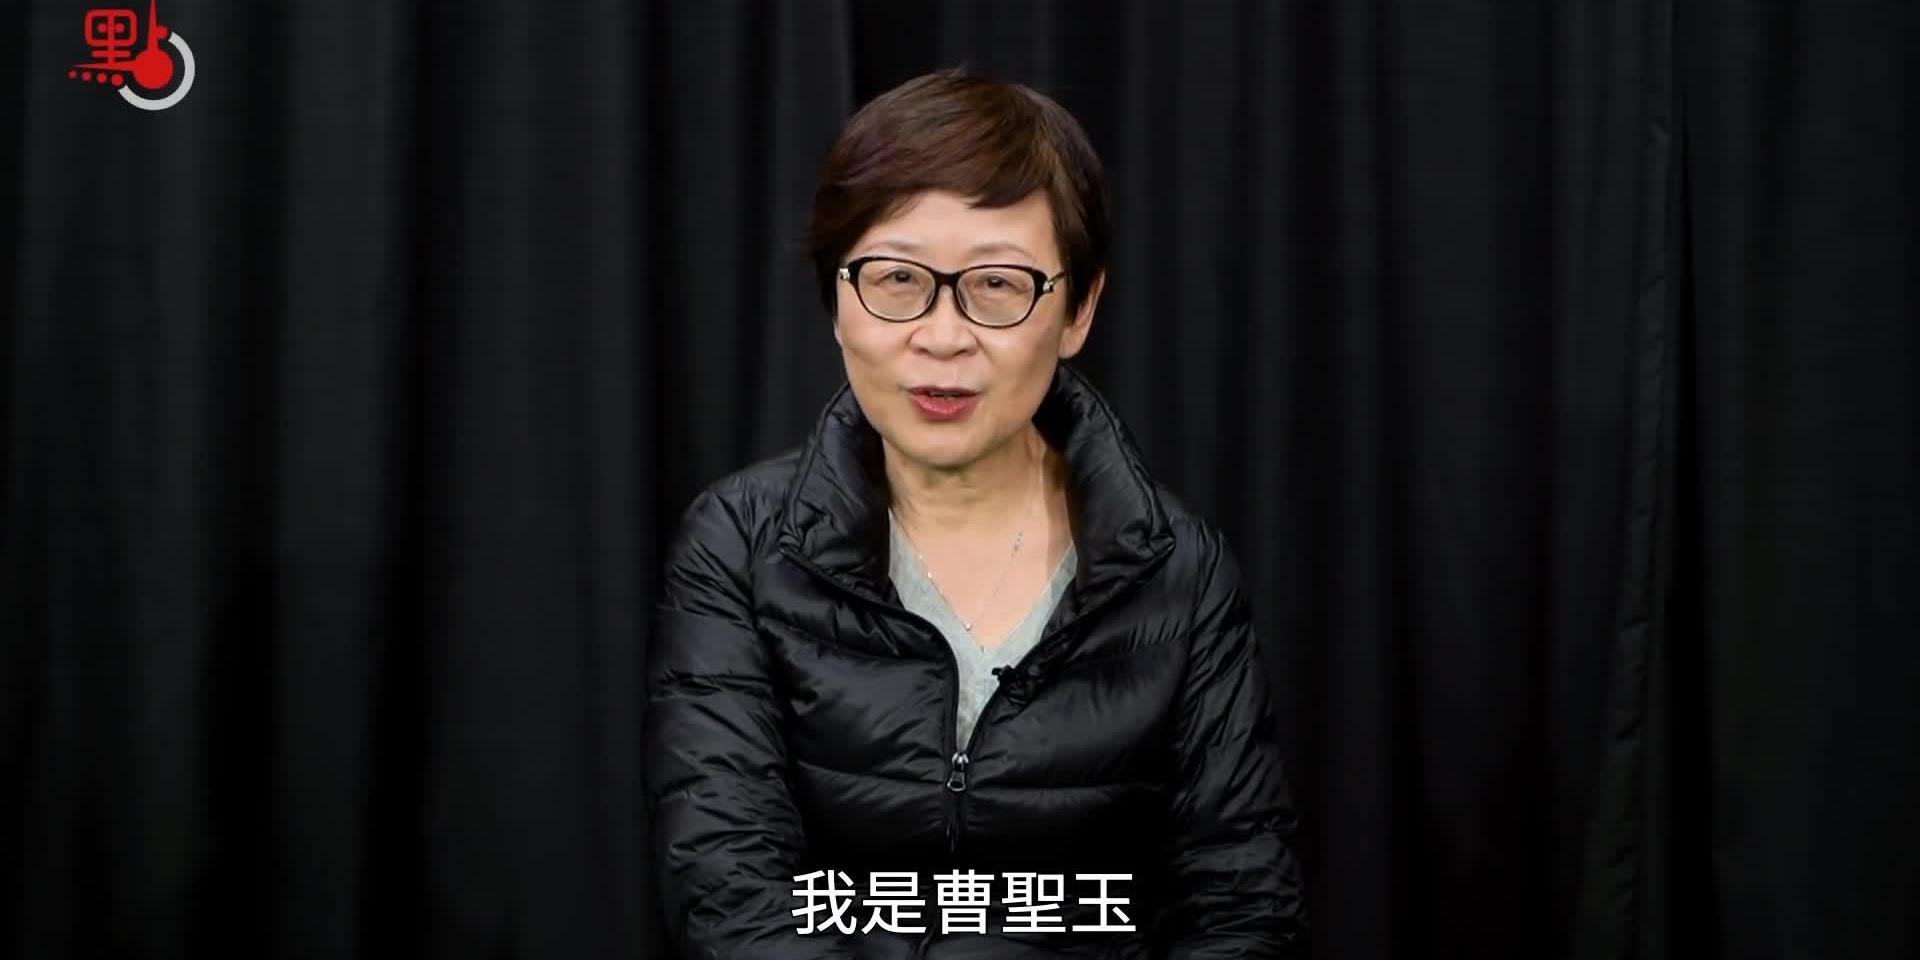 親歷SARS資深護士  曹聖玉:戰勝疫症「人的因素很重要」